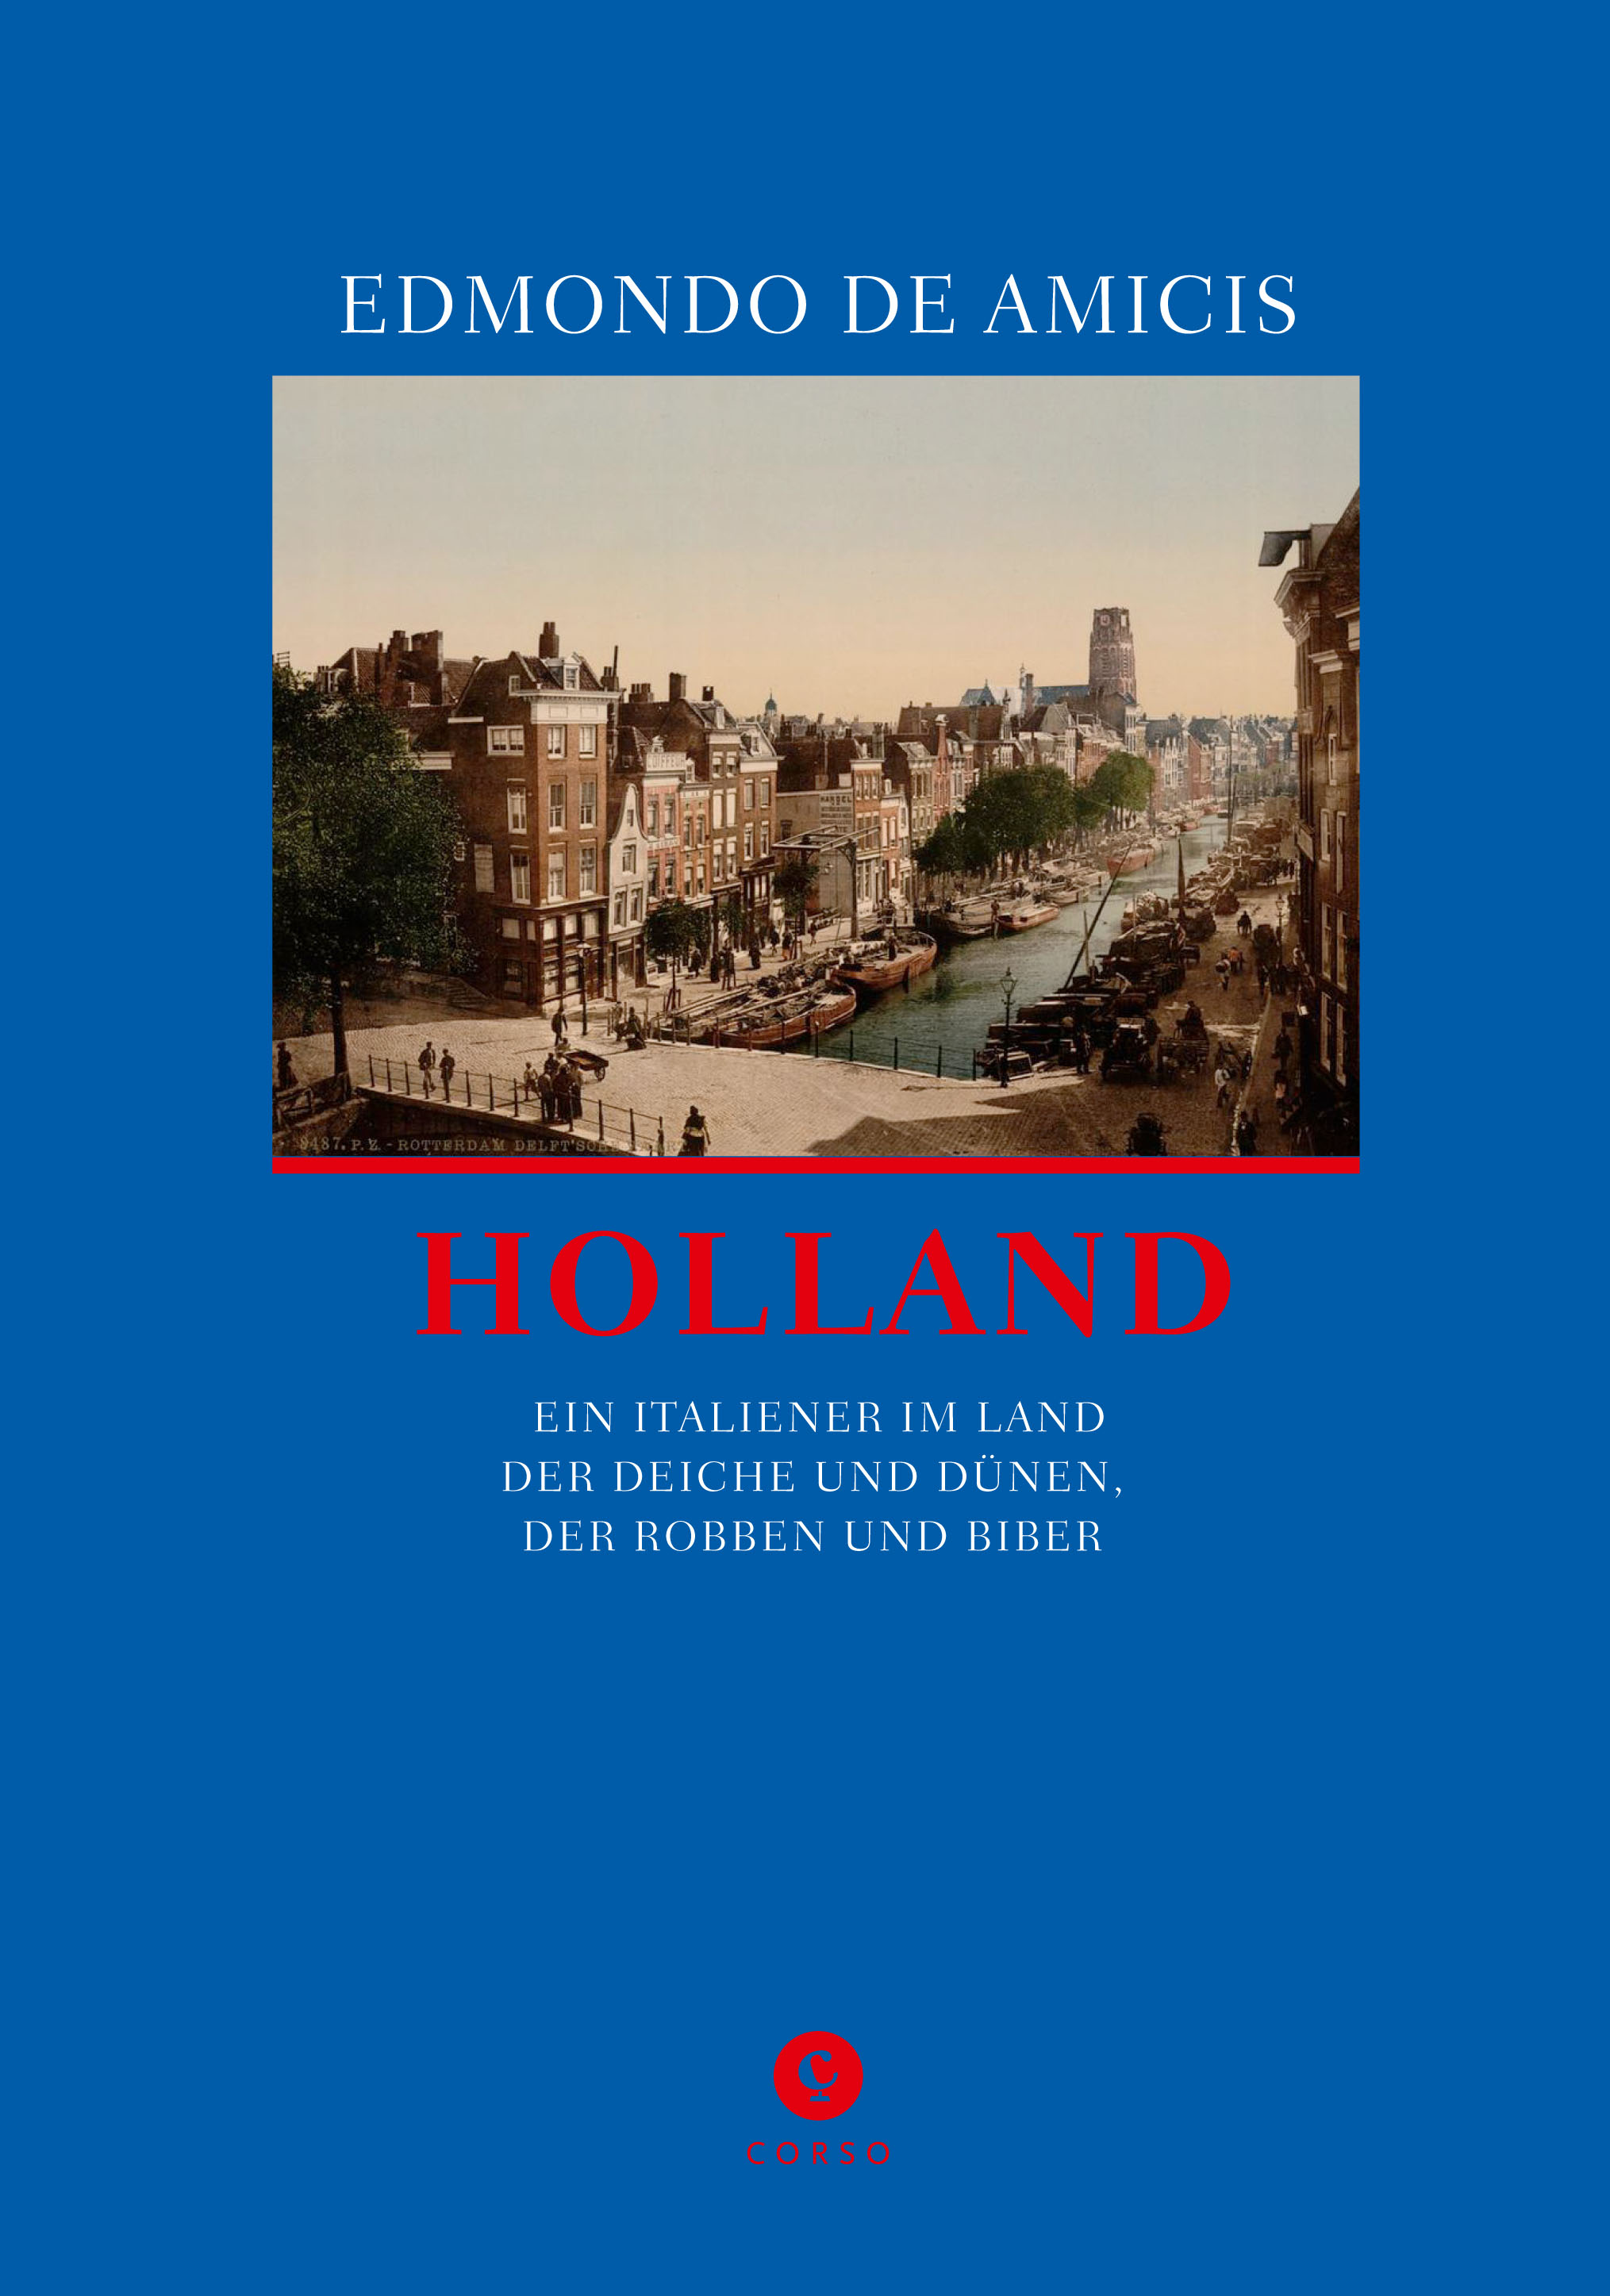 Holland Edmondo de Amicis